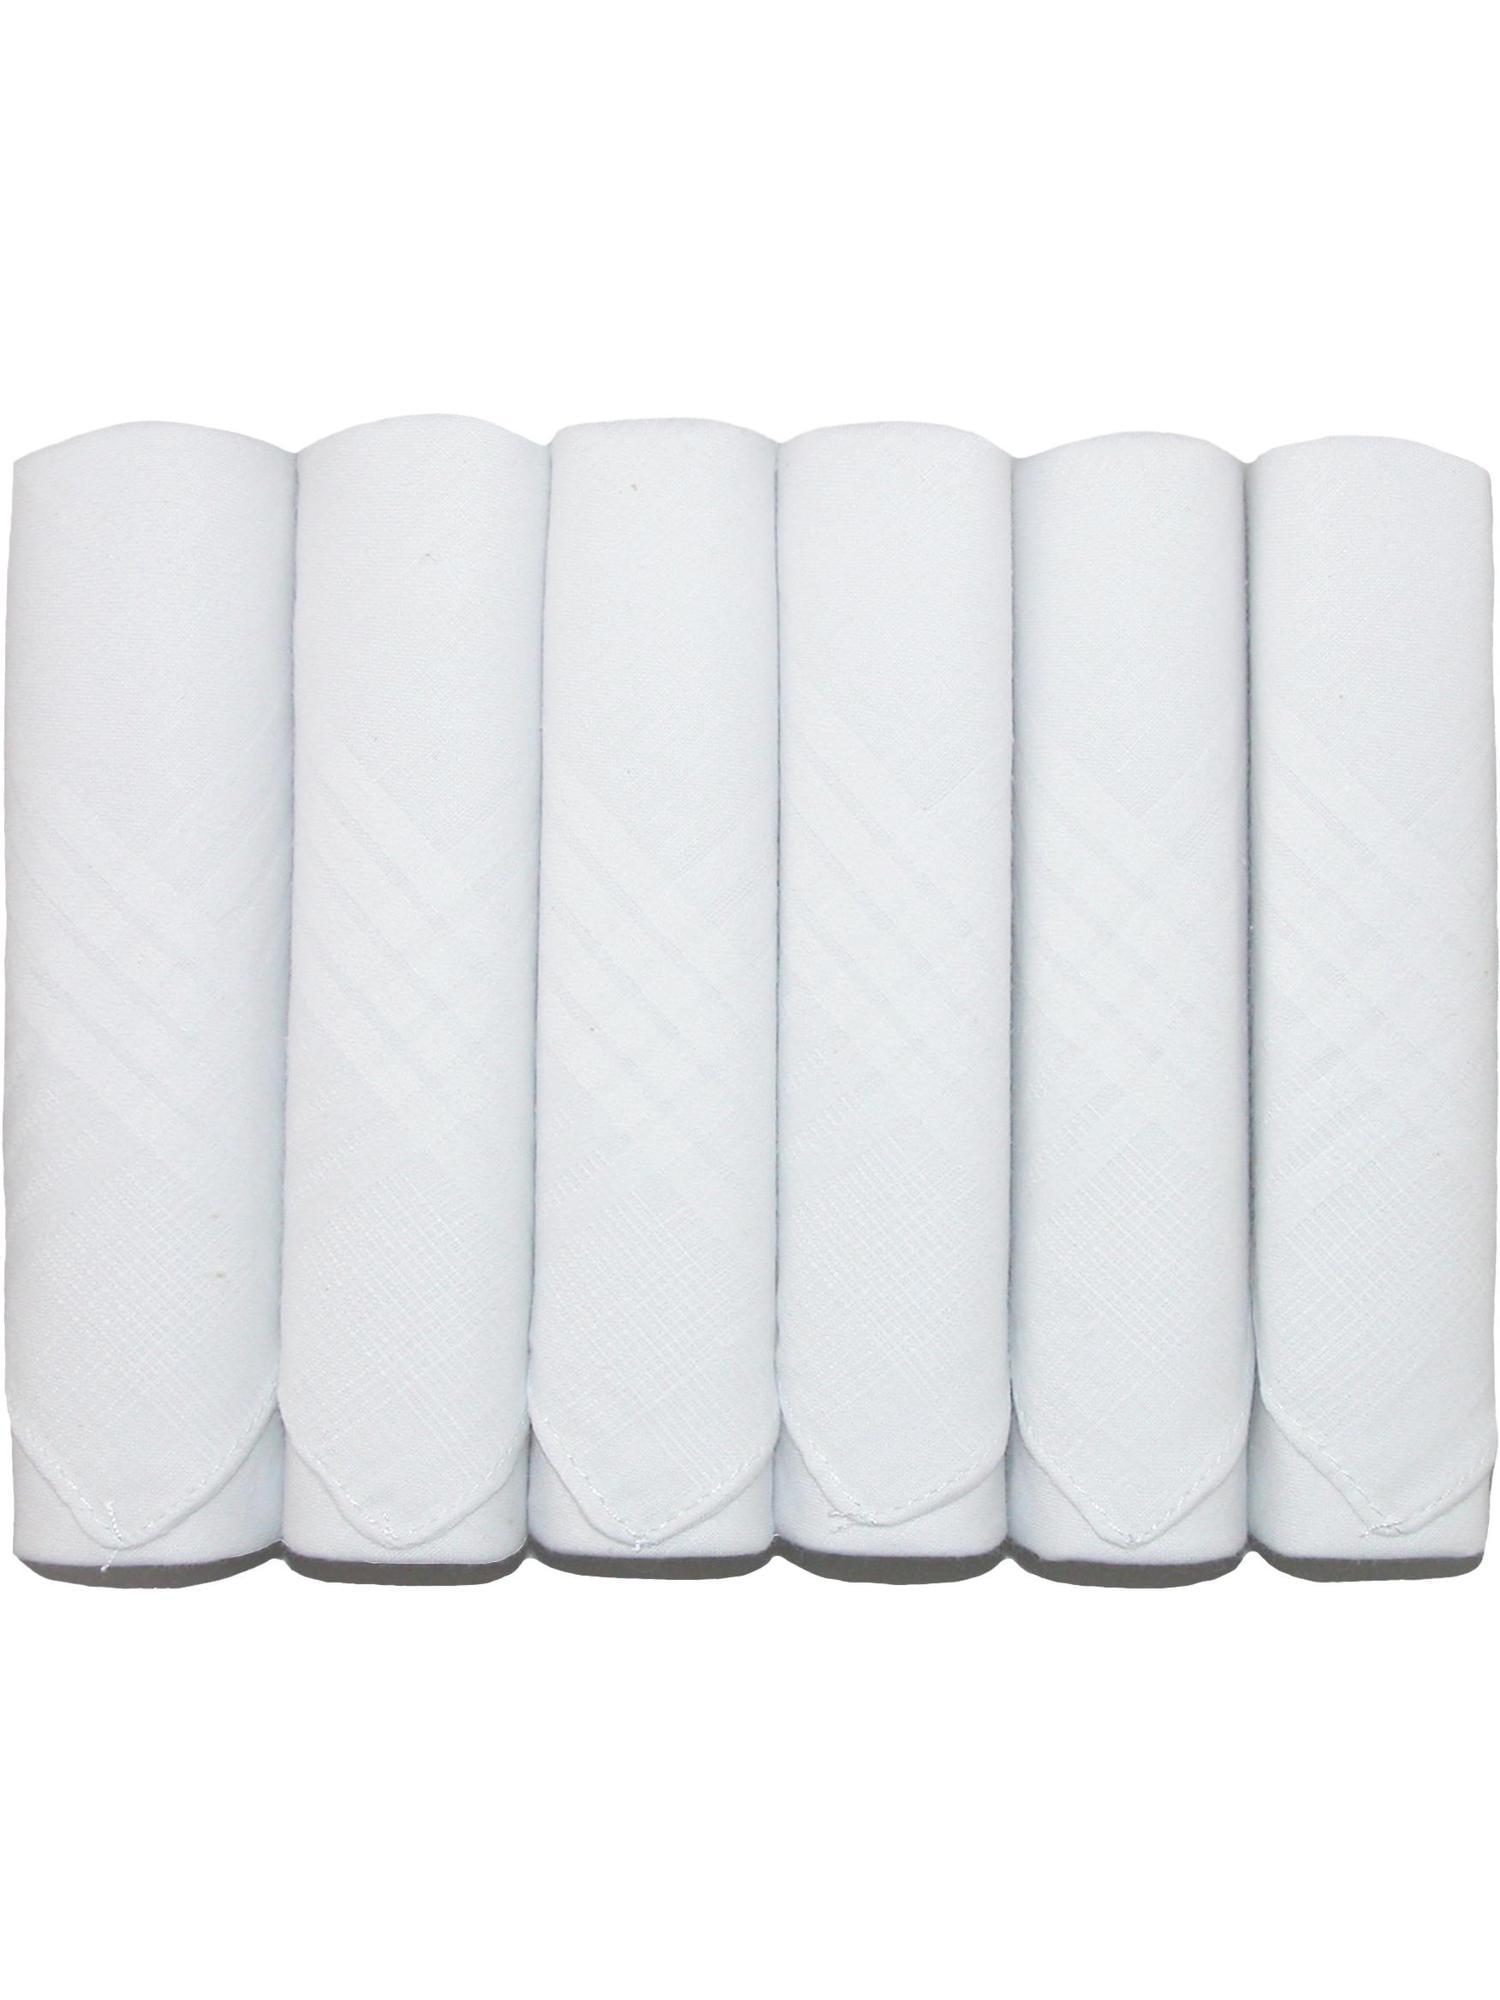 Size one size Men's Cotton Boxed Plain Handkerchiefs (Pack of 6), White